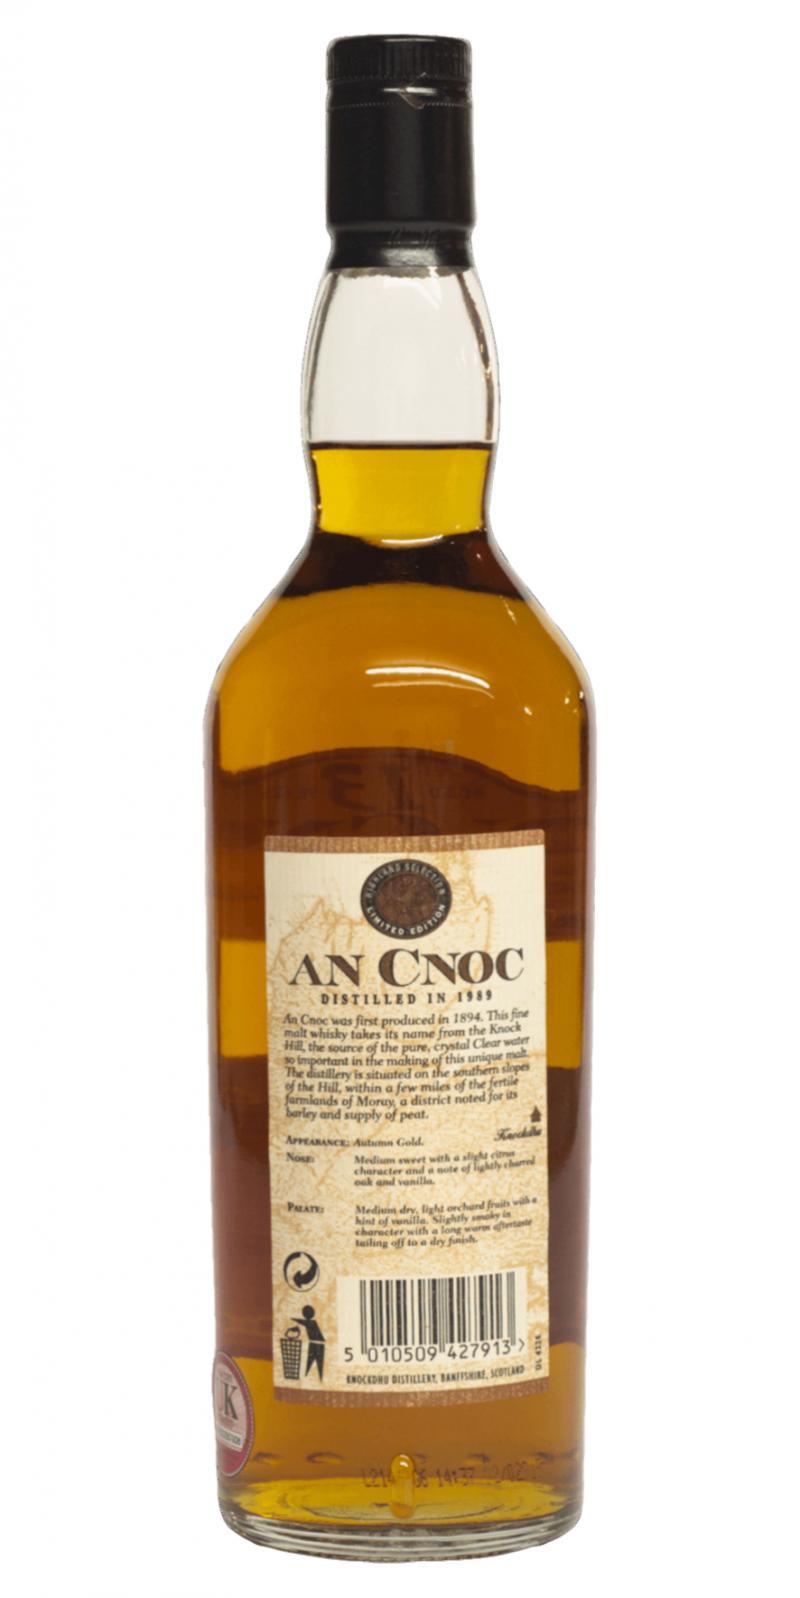 An Cnoc 1989